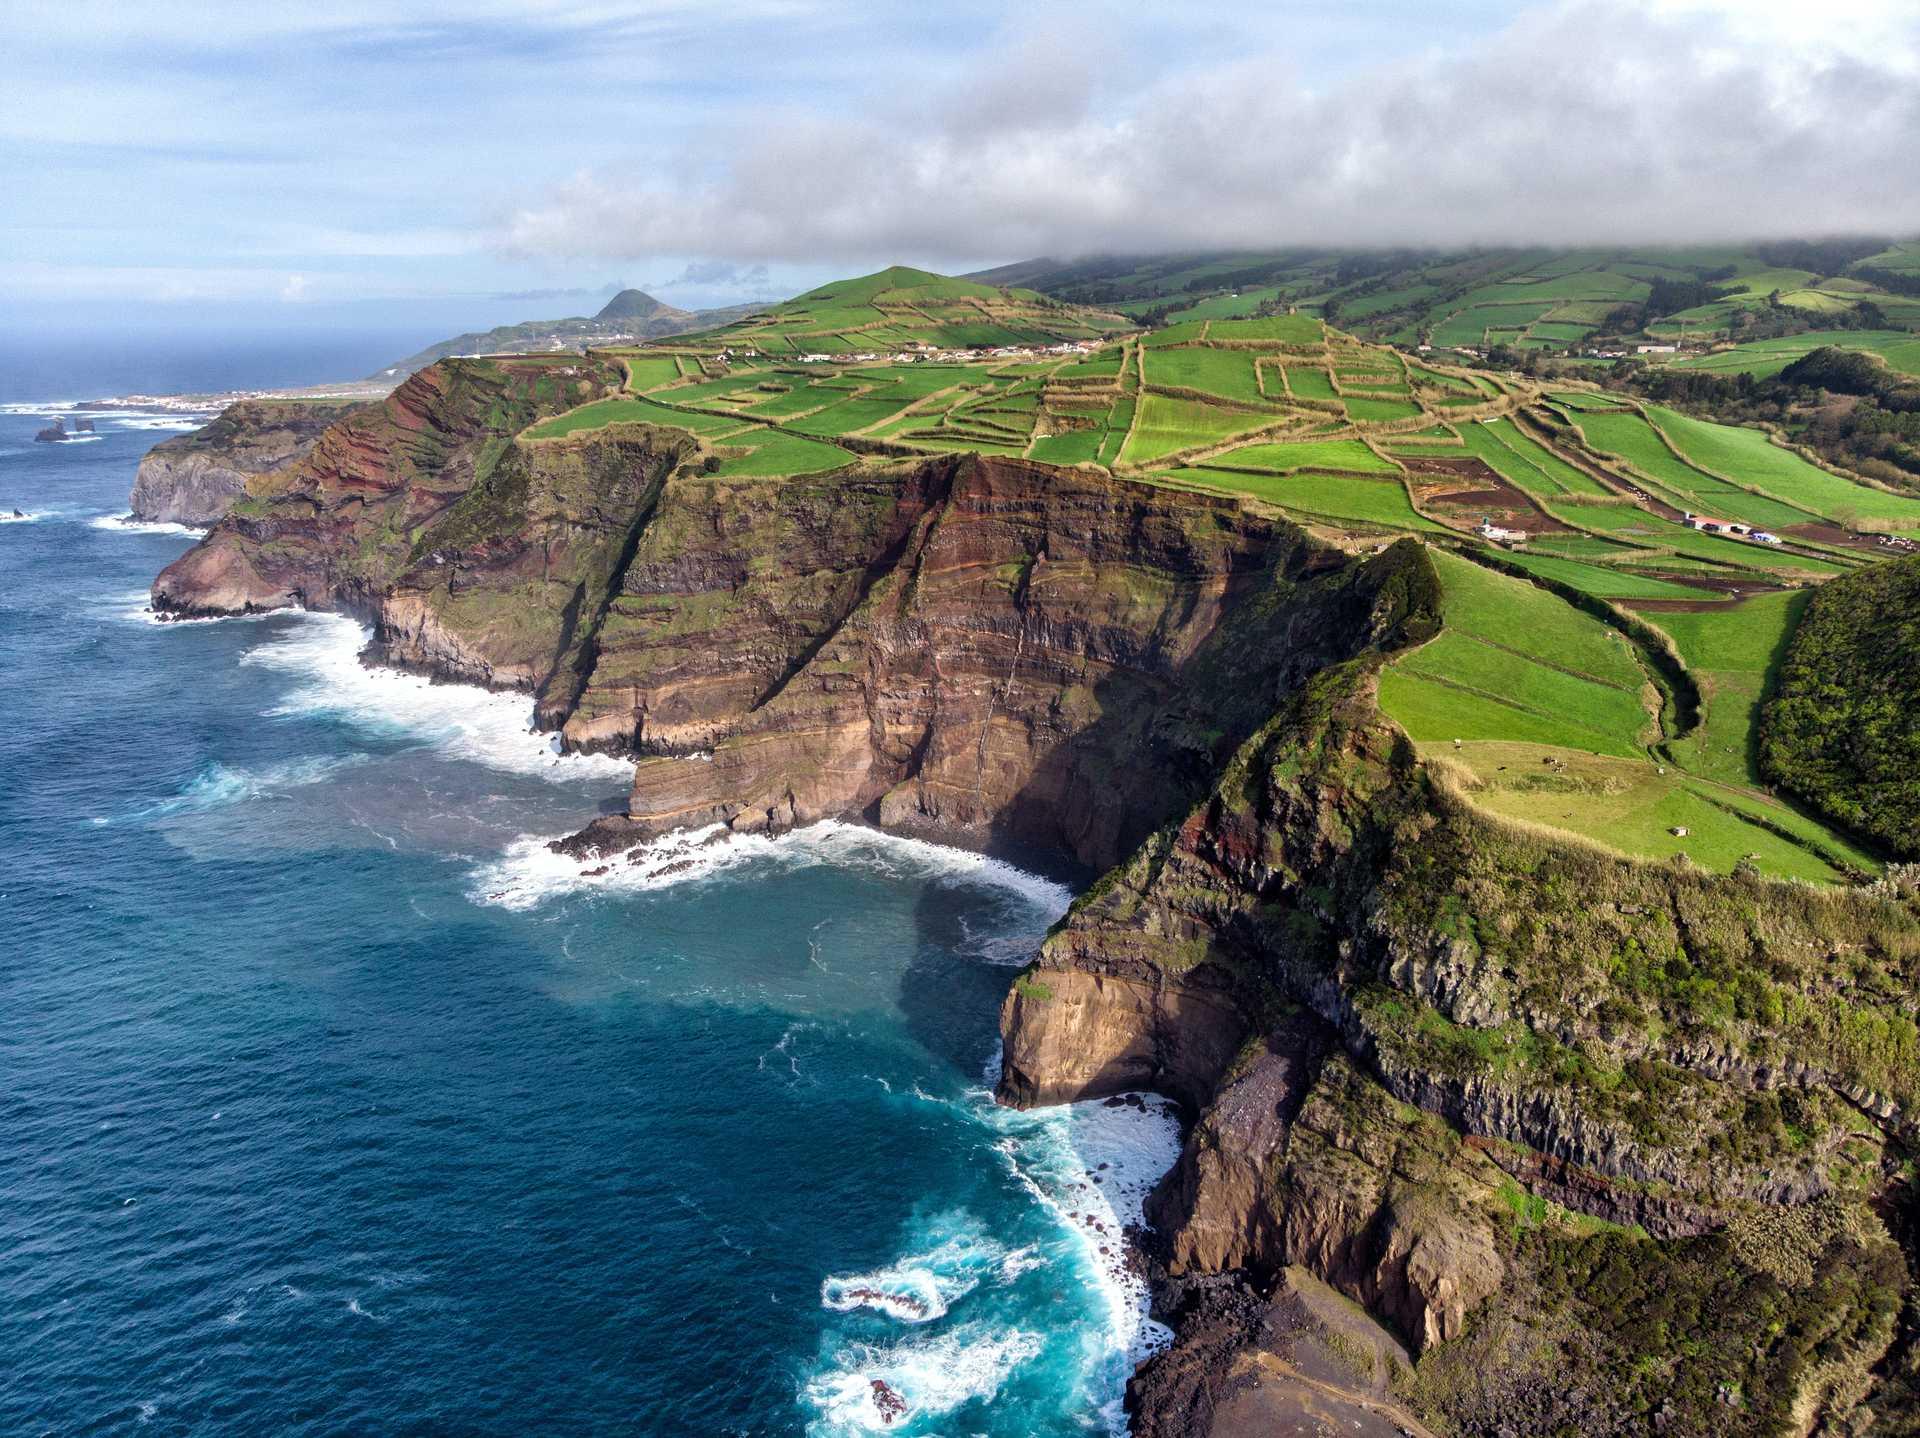 Vue aérienne des cultures sur l'île de Pico, aux Açores